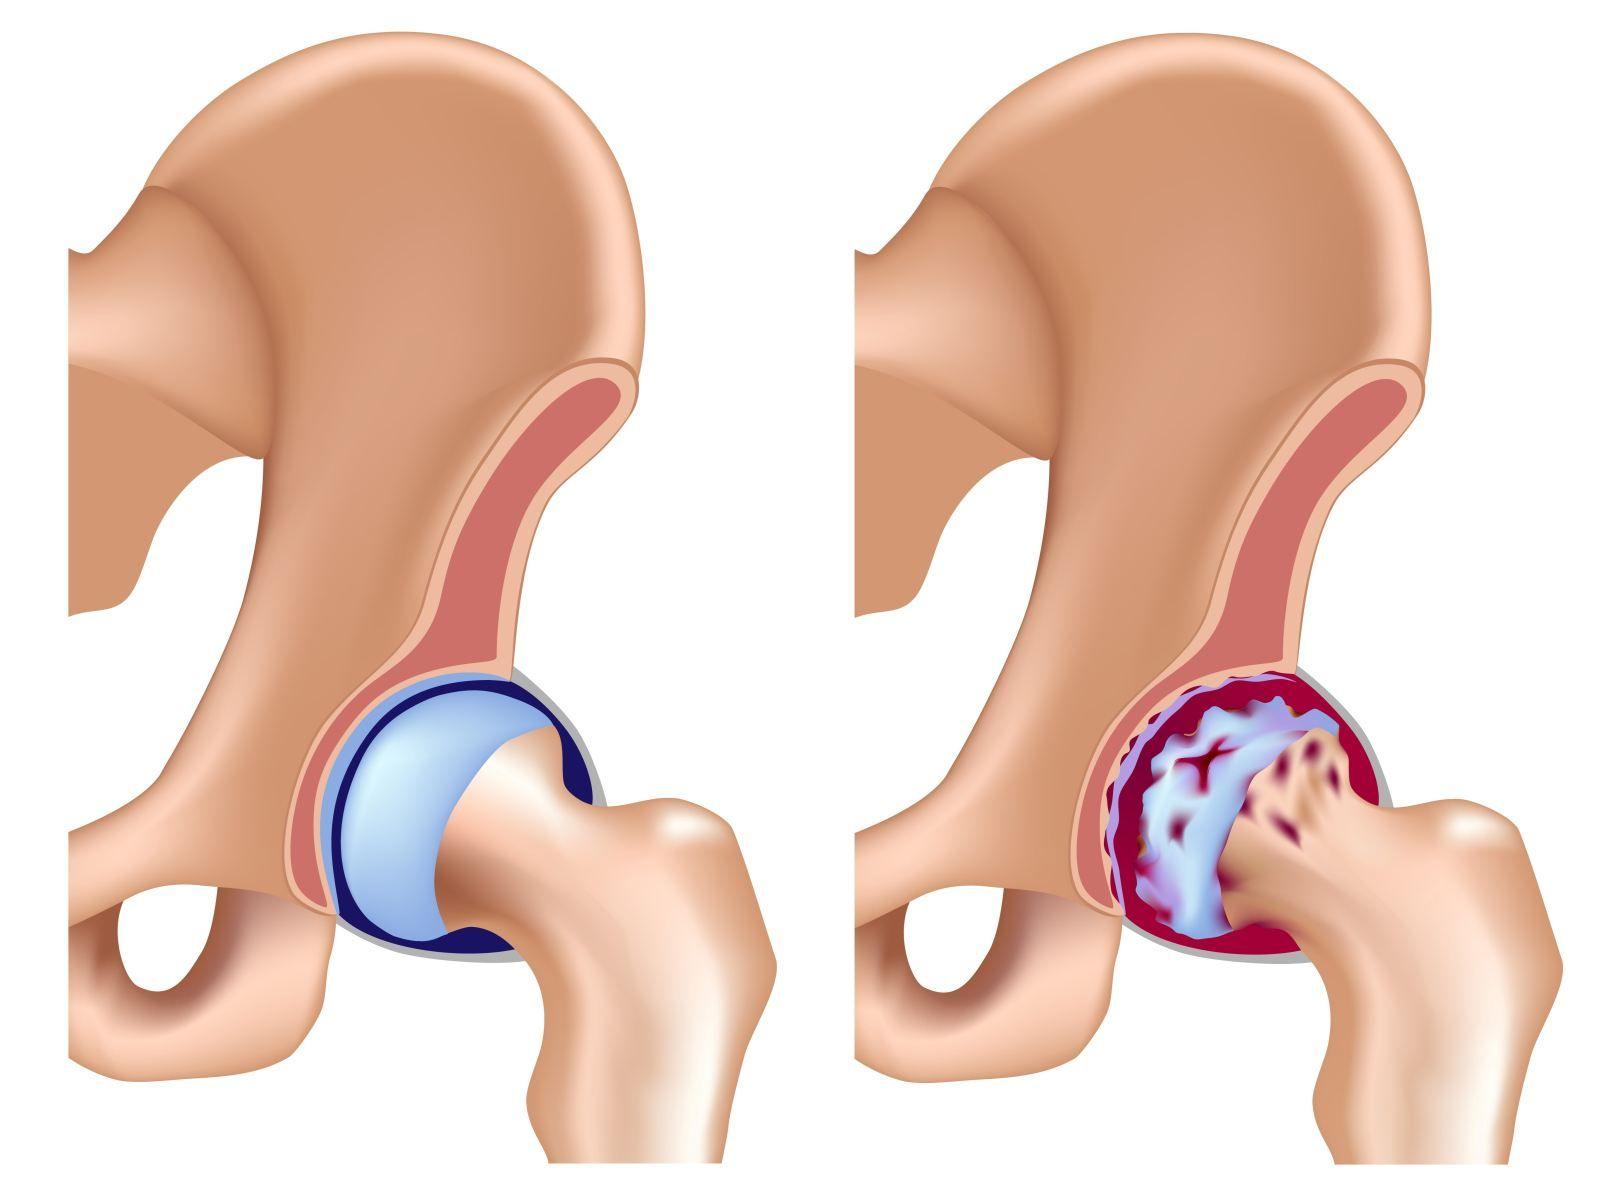 Артроз тазобедренного сустава — механизм развития патологии, основные проявления по стадиям, методы лечения